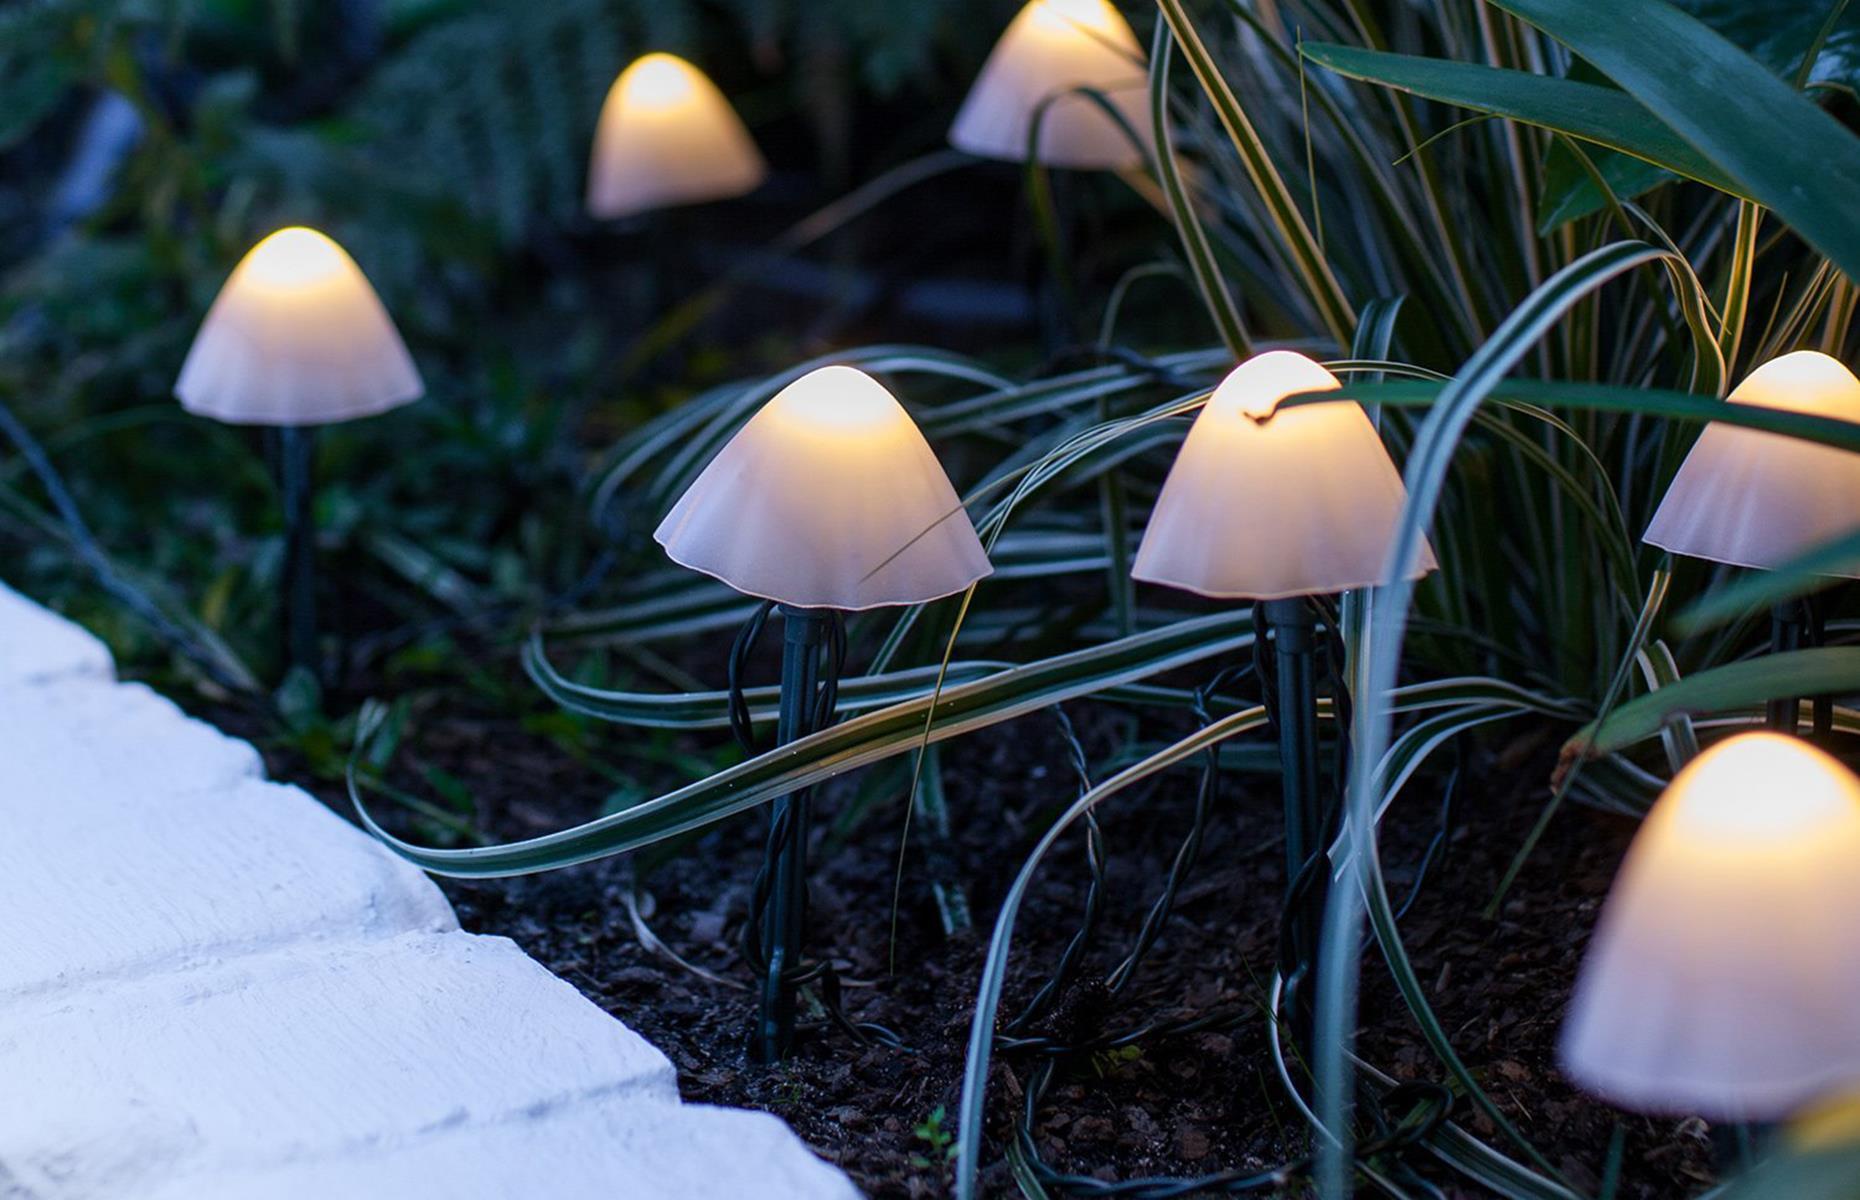 قارچ های رنگی با LED برای باغچه